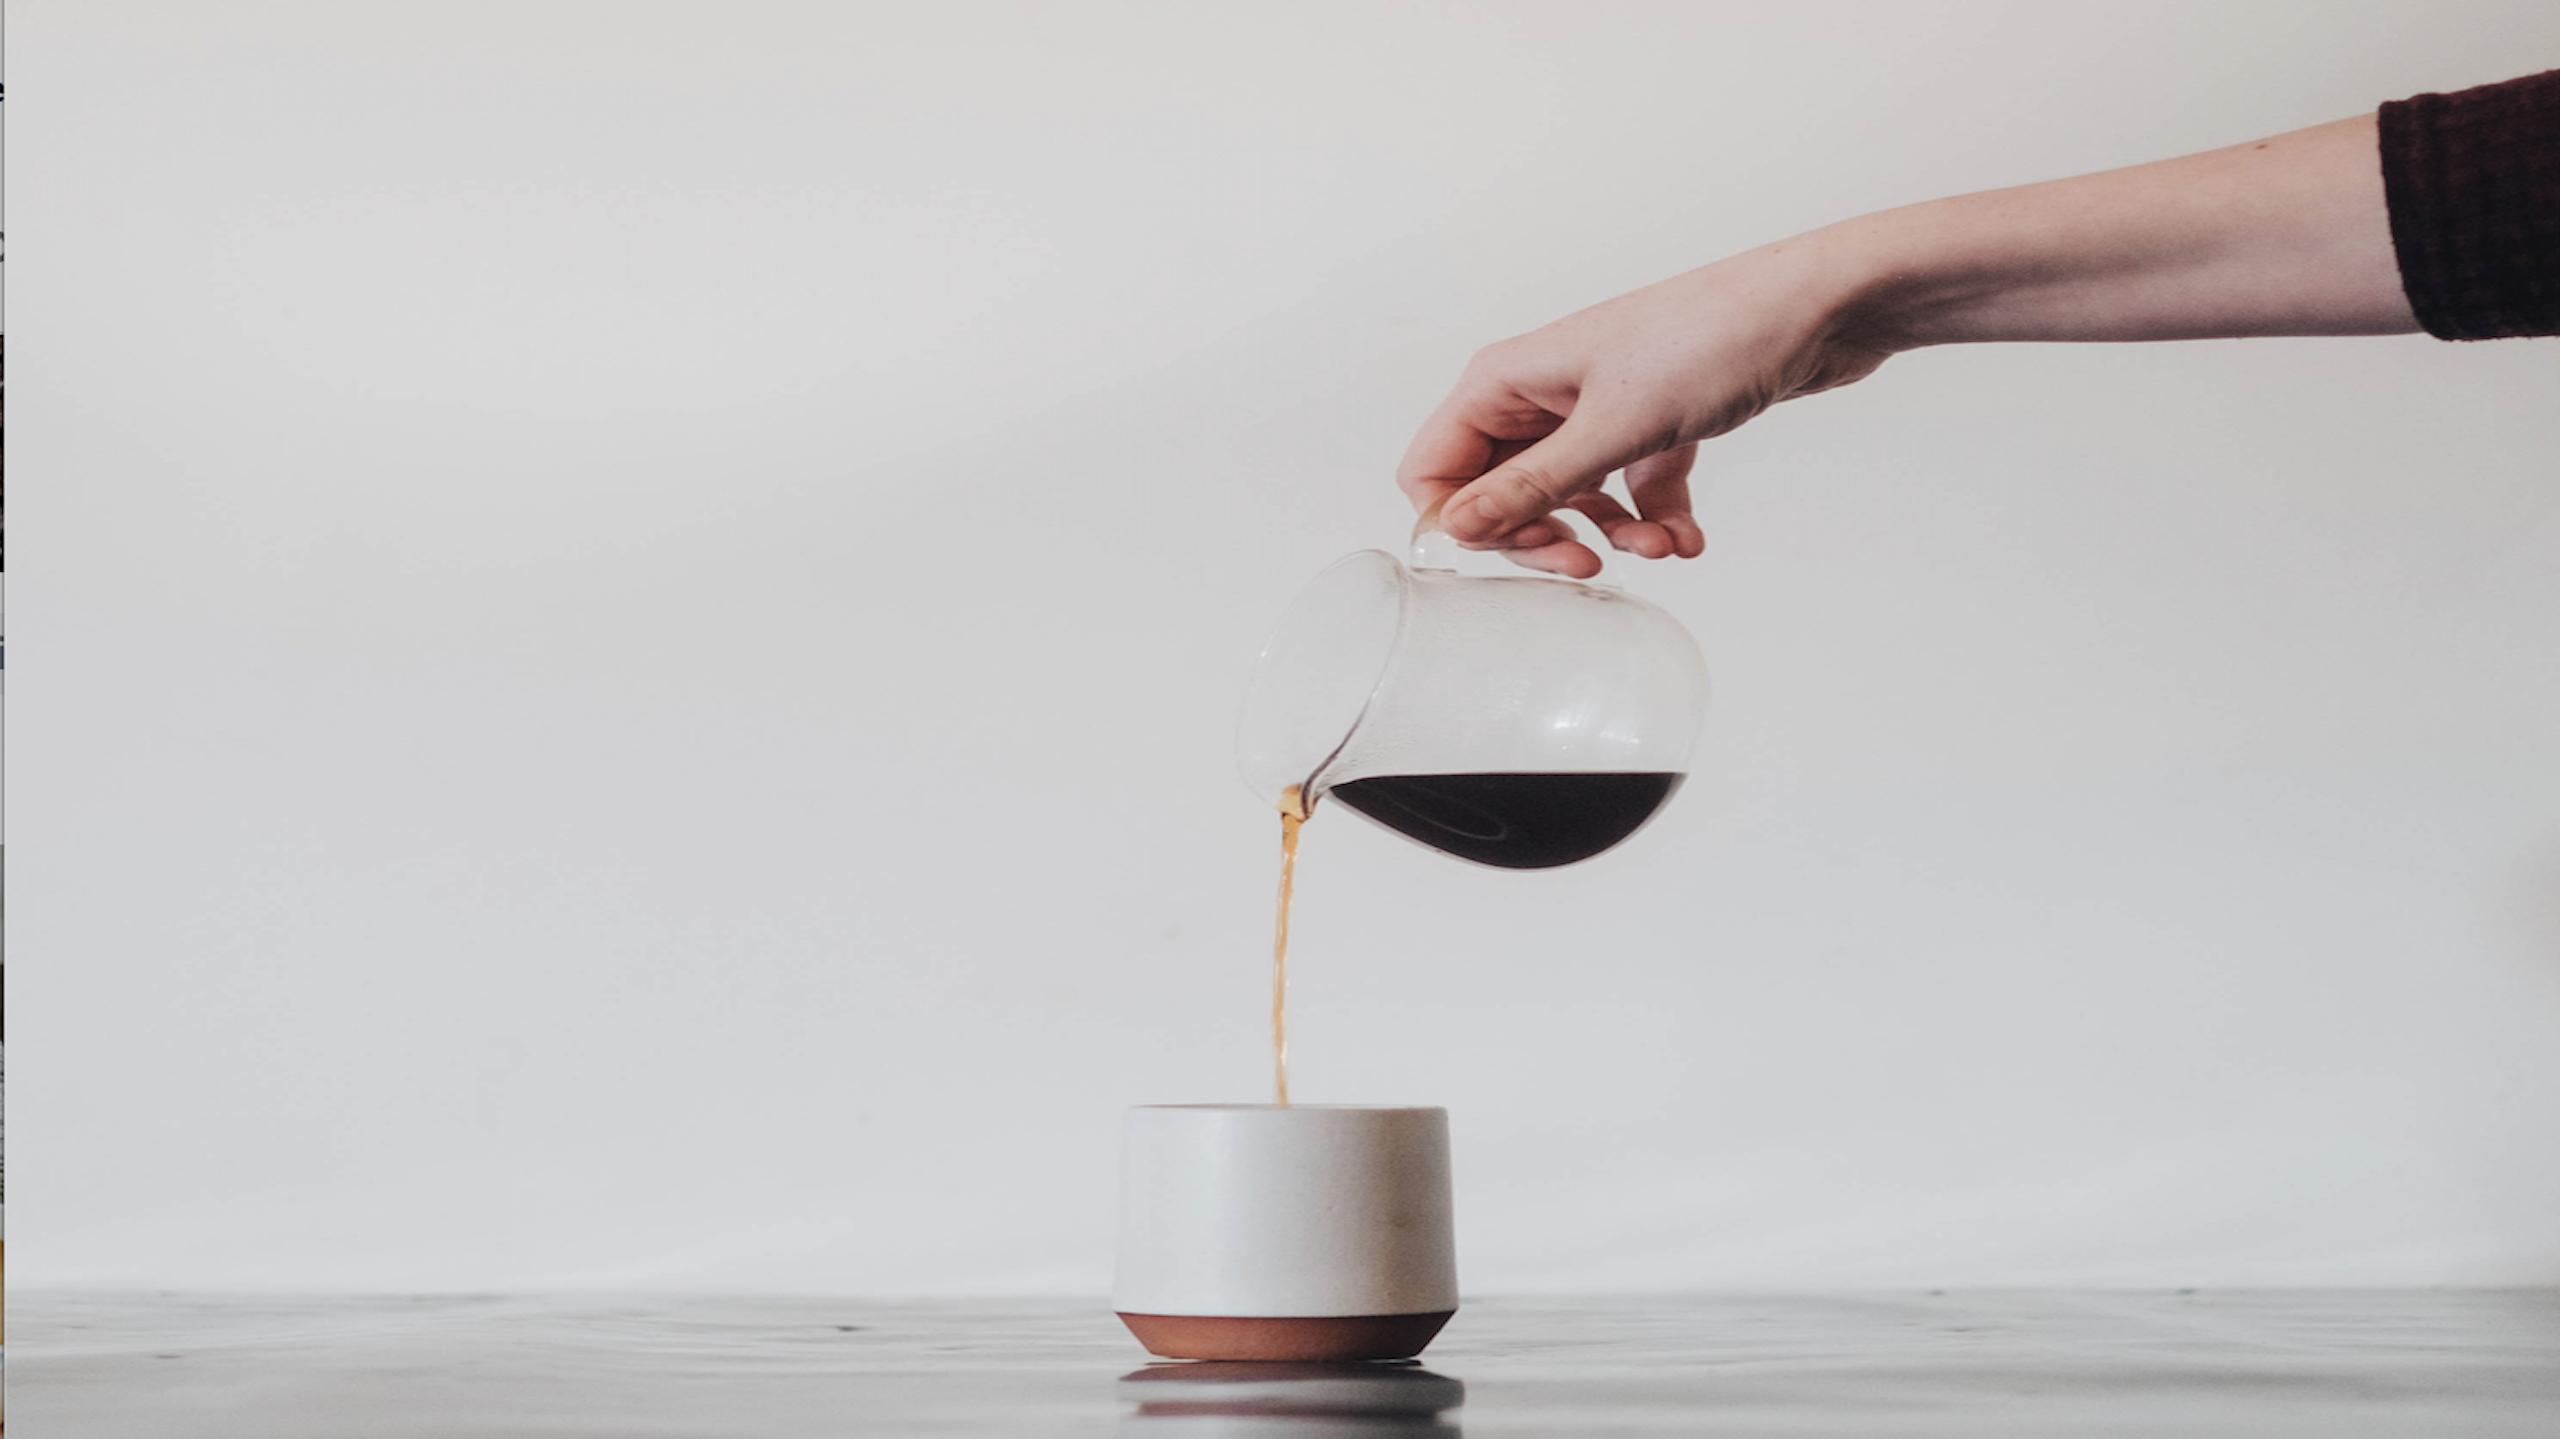 café, tomar café